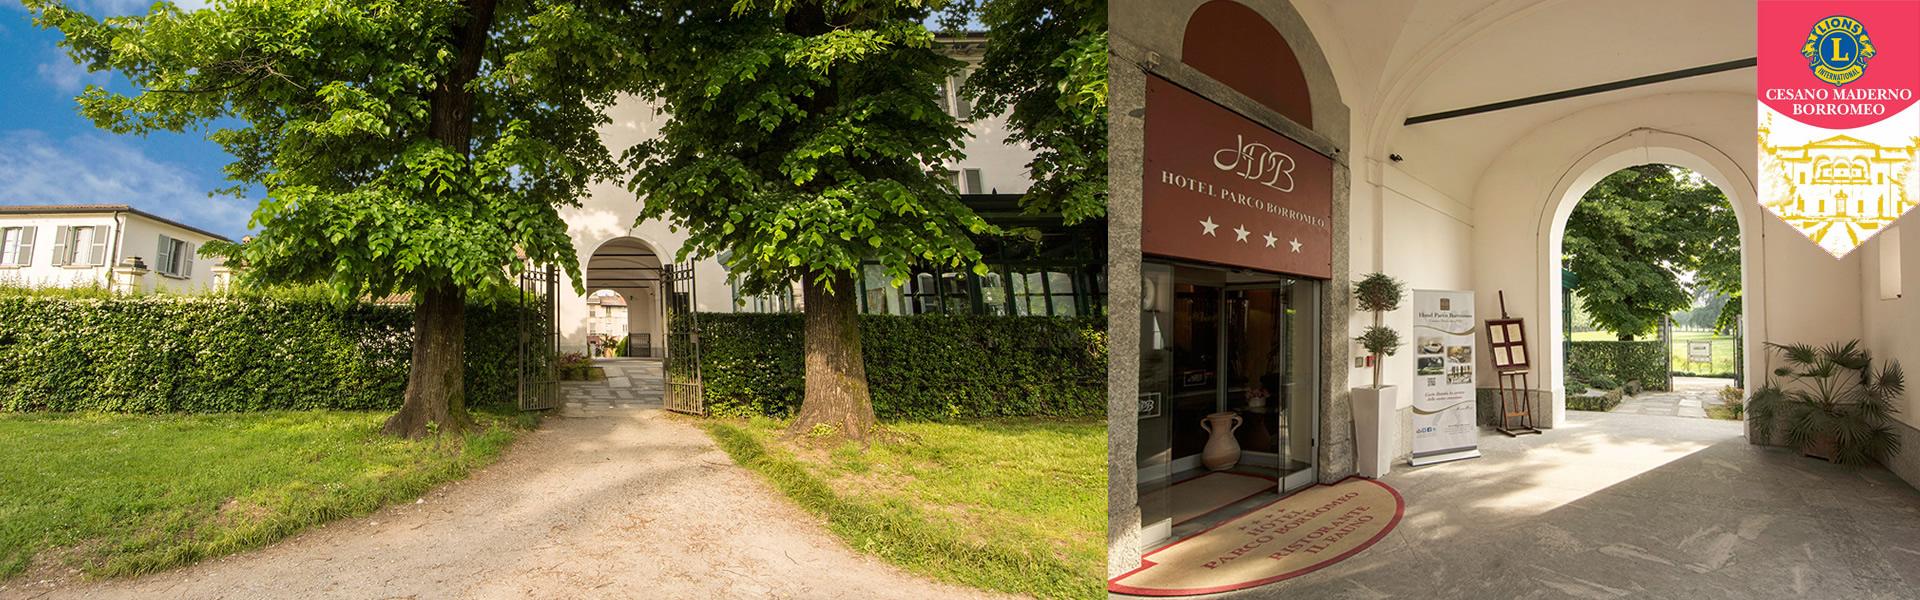 Hotel parco borromeo in brianza puoi essere ospite della storia - Hotel giardino toscolano maderno ...